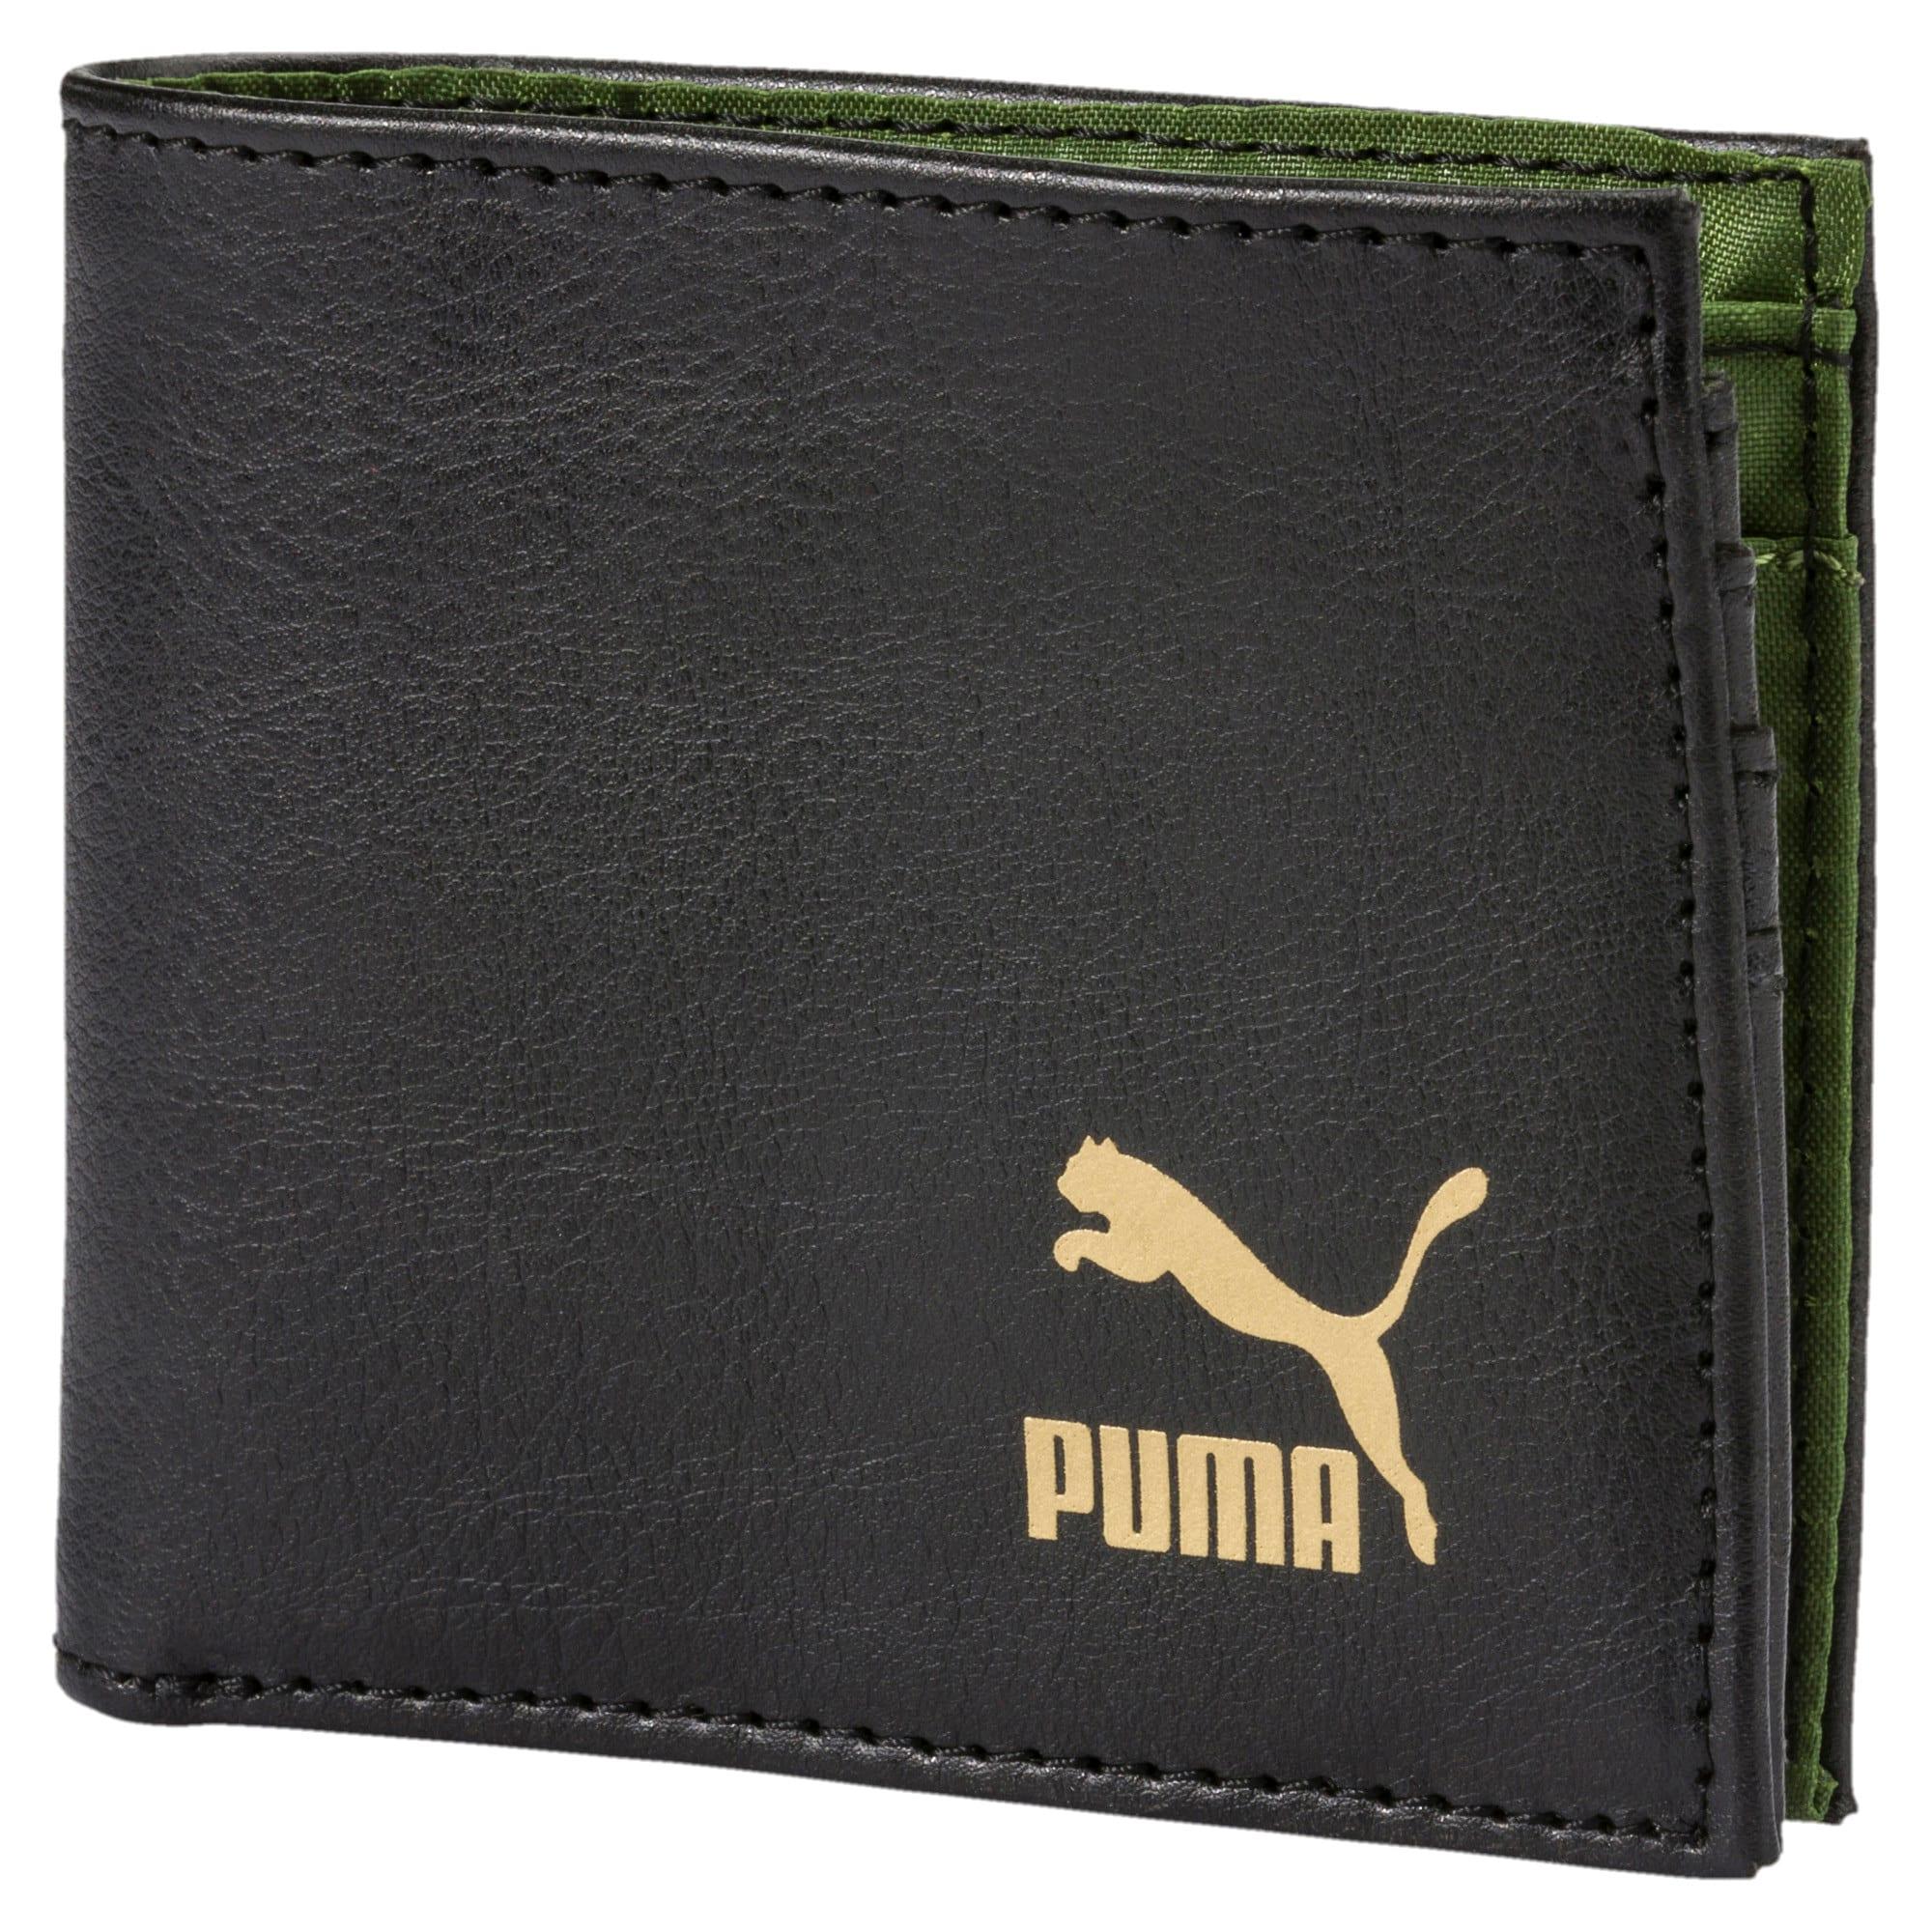 Thumbnail 1 of Originals Retro Wallet, Puma Black, medium